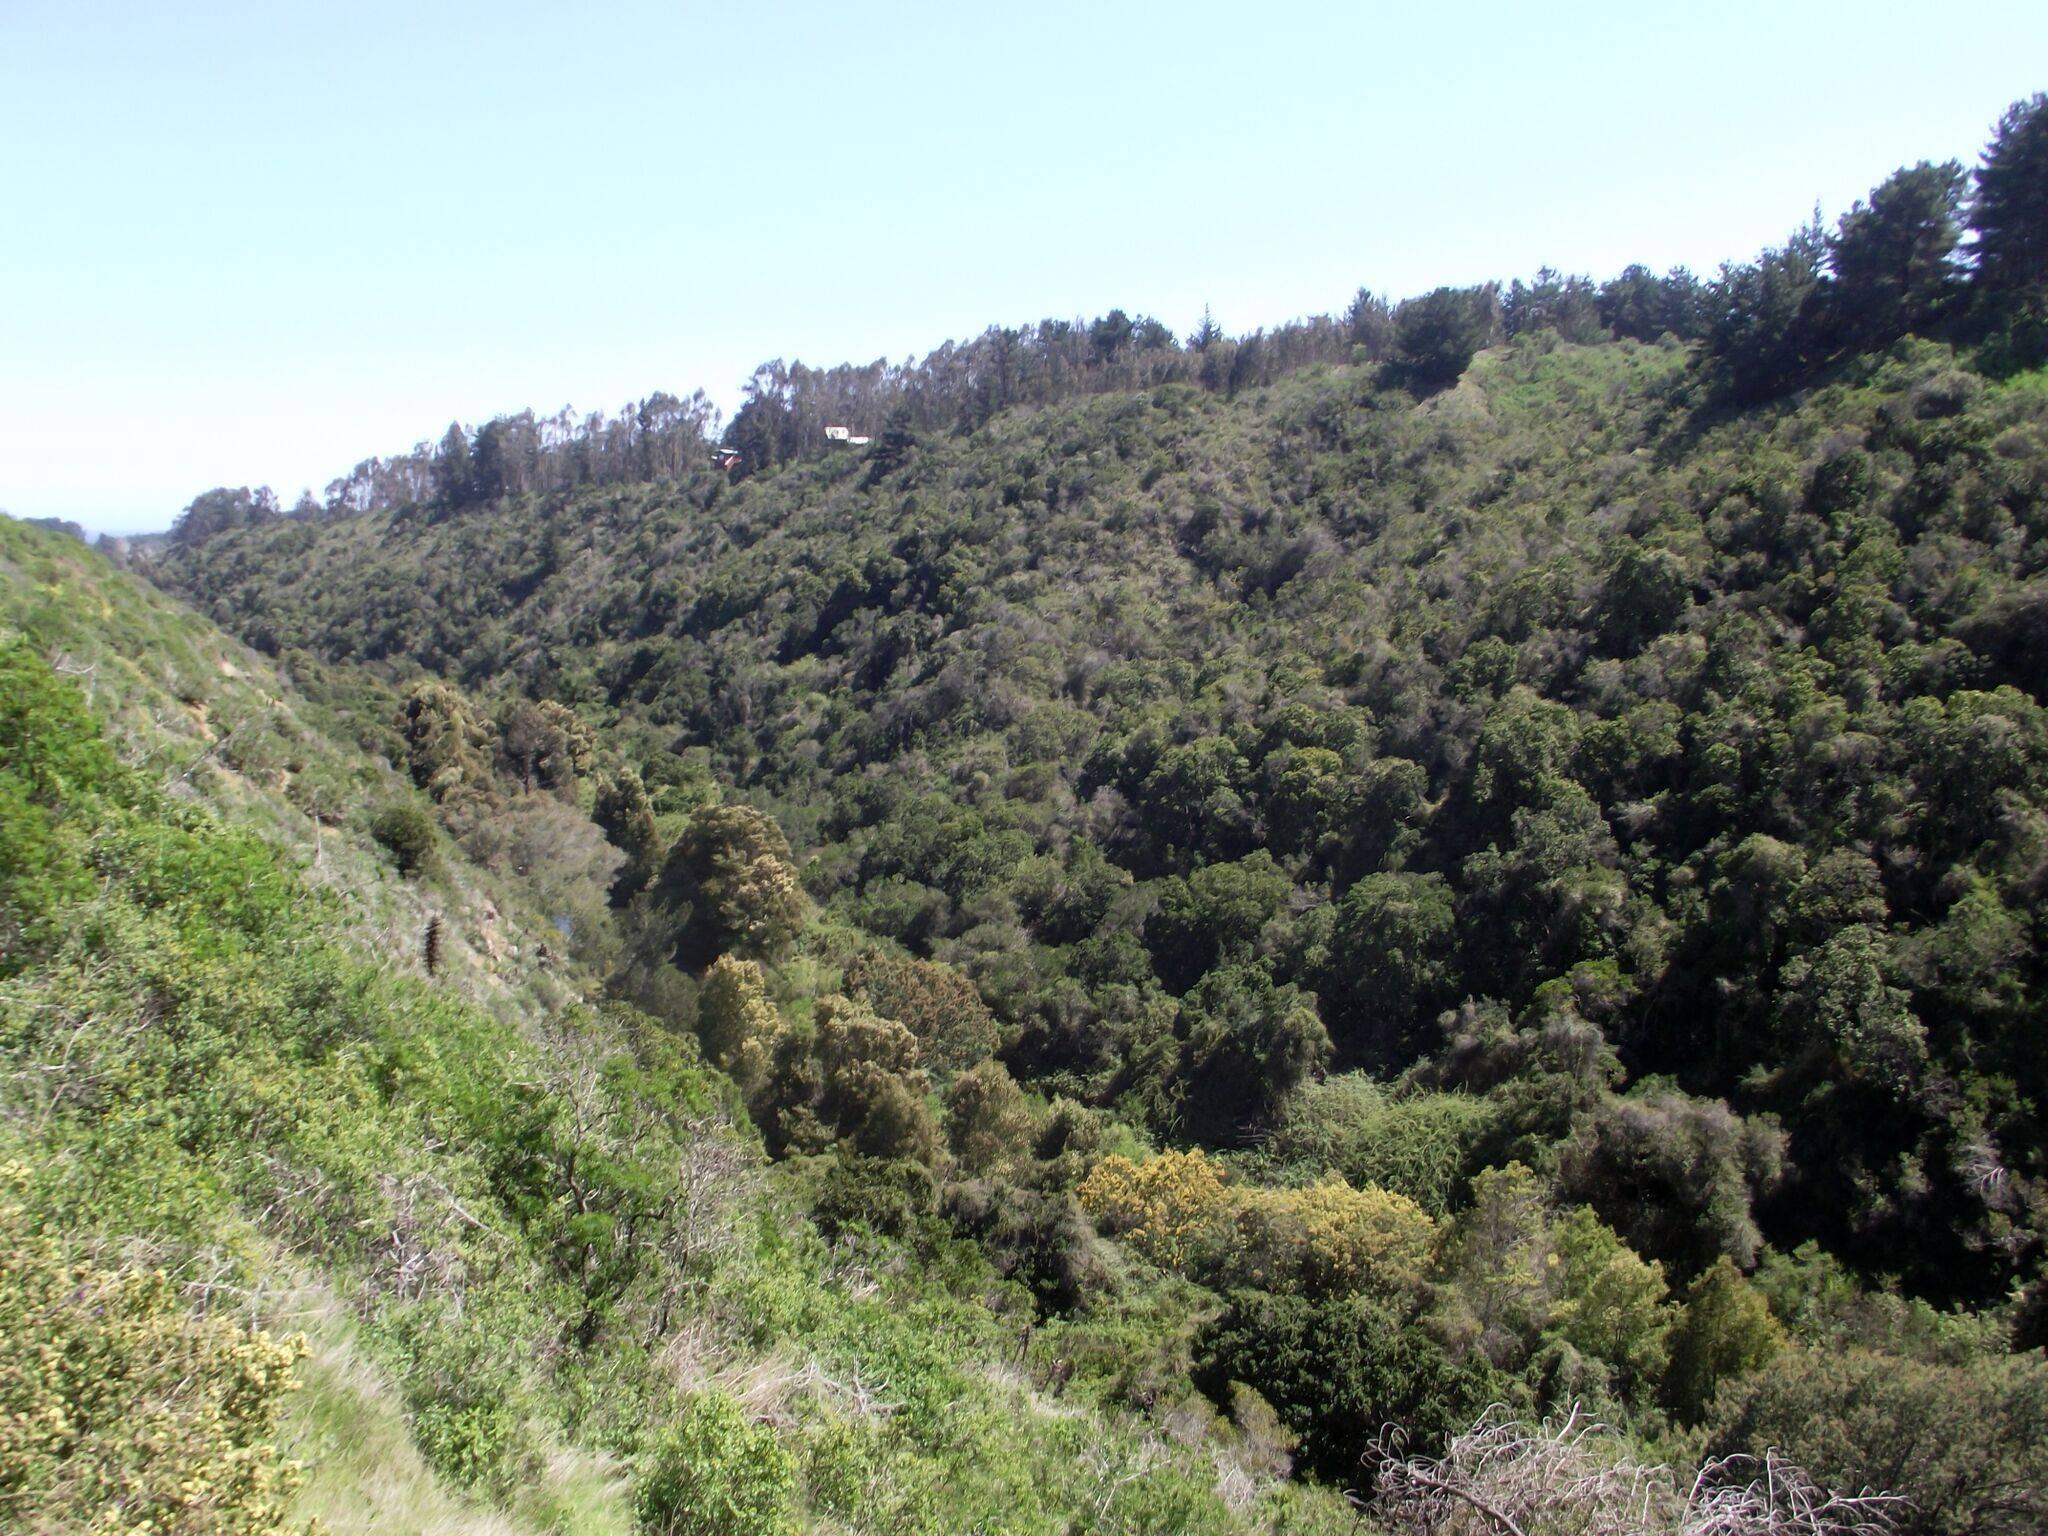 Santuario de la Naturaleza